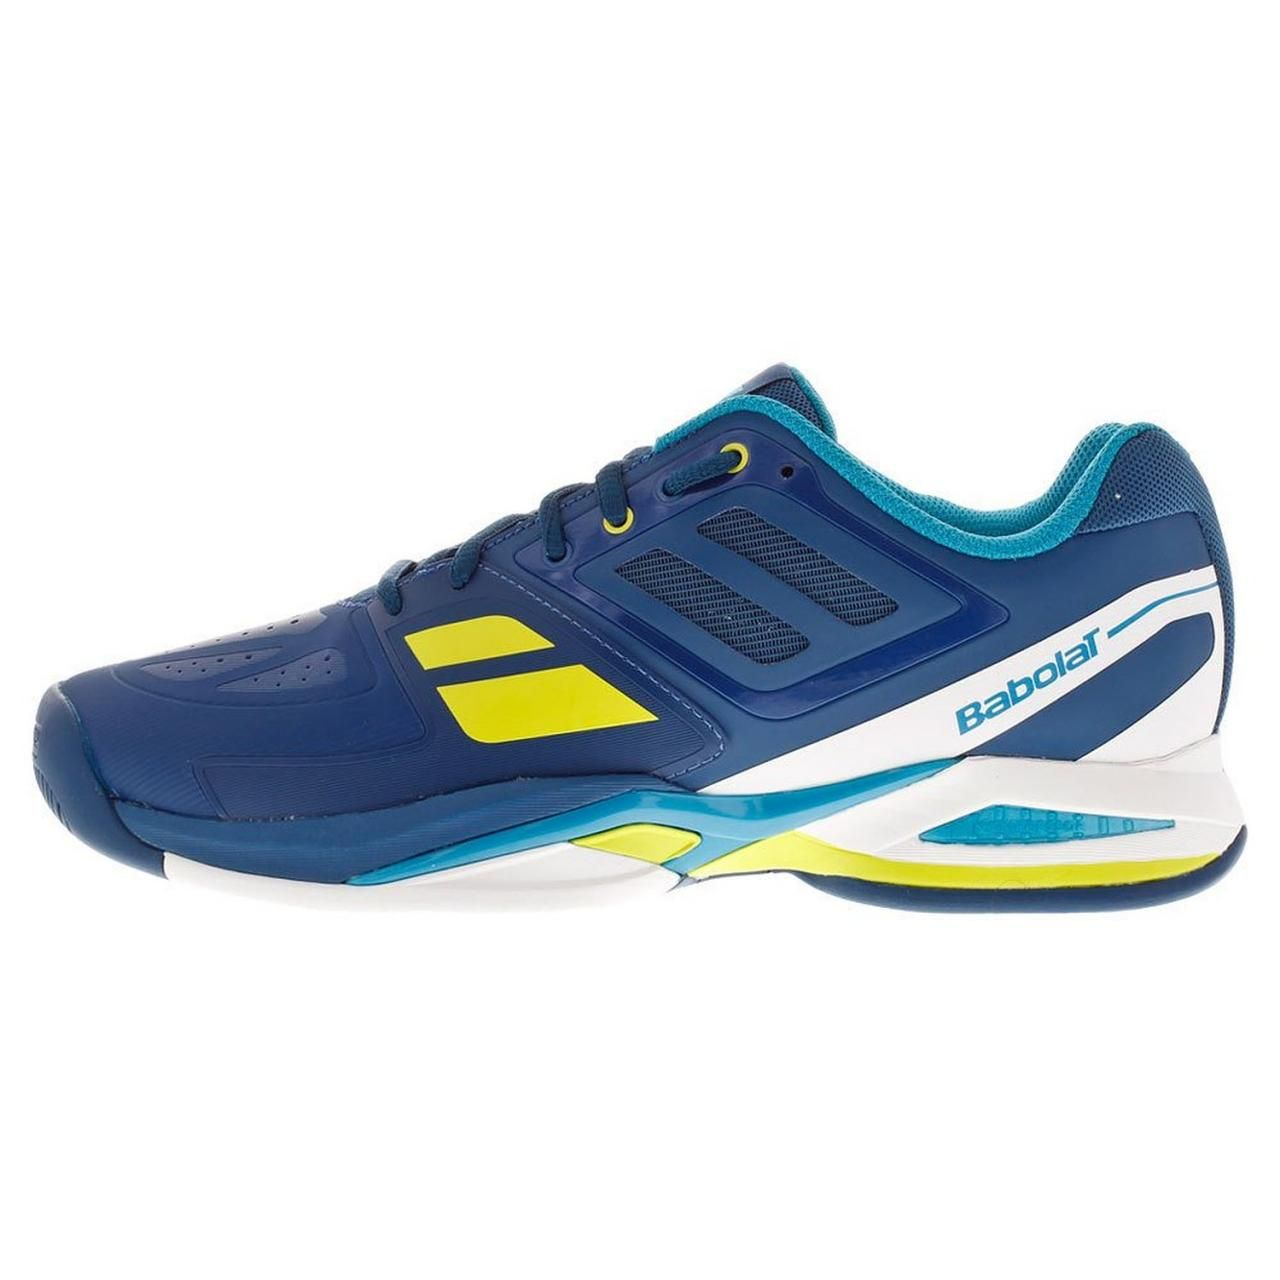 cc099ce6fef9c8 Top 10 Best Mens Tennis Shoes - Mens Tennis Shoes 2019